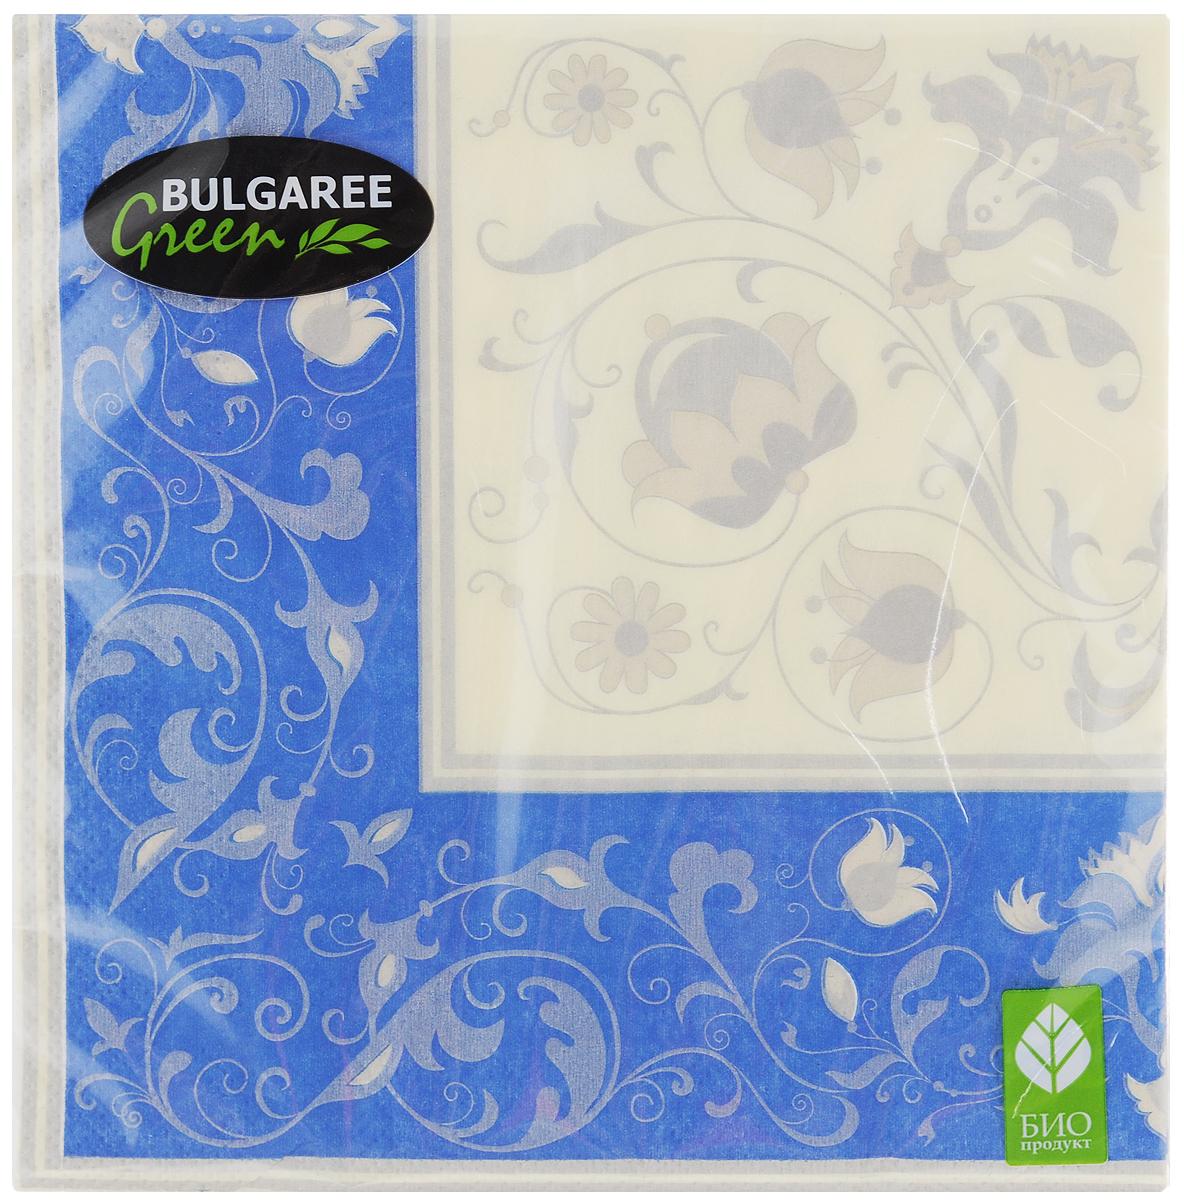 Салфетки бумажные Bulgaree Green Белла, трехслойные, 33 х 33 см, 20 шт1002382Трехслойные салфетки Bulgaree Green Белла выполнены из 100% целлюлозы и оформлены красивым рисунком. Изделия станут отличным дополнением любого праздничного стола. Они отличаются необычной мягкостью, прочностью и оригинальностью. Размер салфеток в развернутом виде: 33 х 33 см.